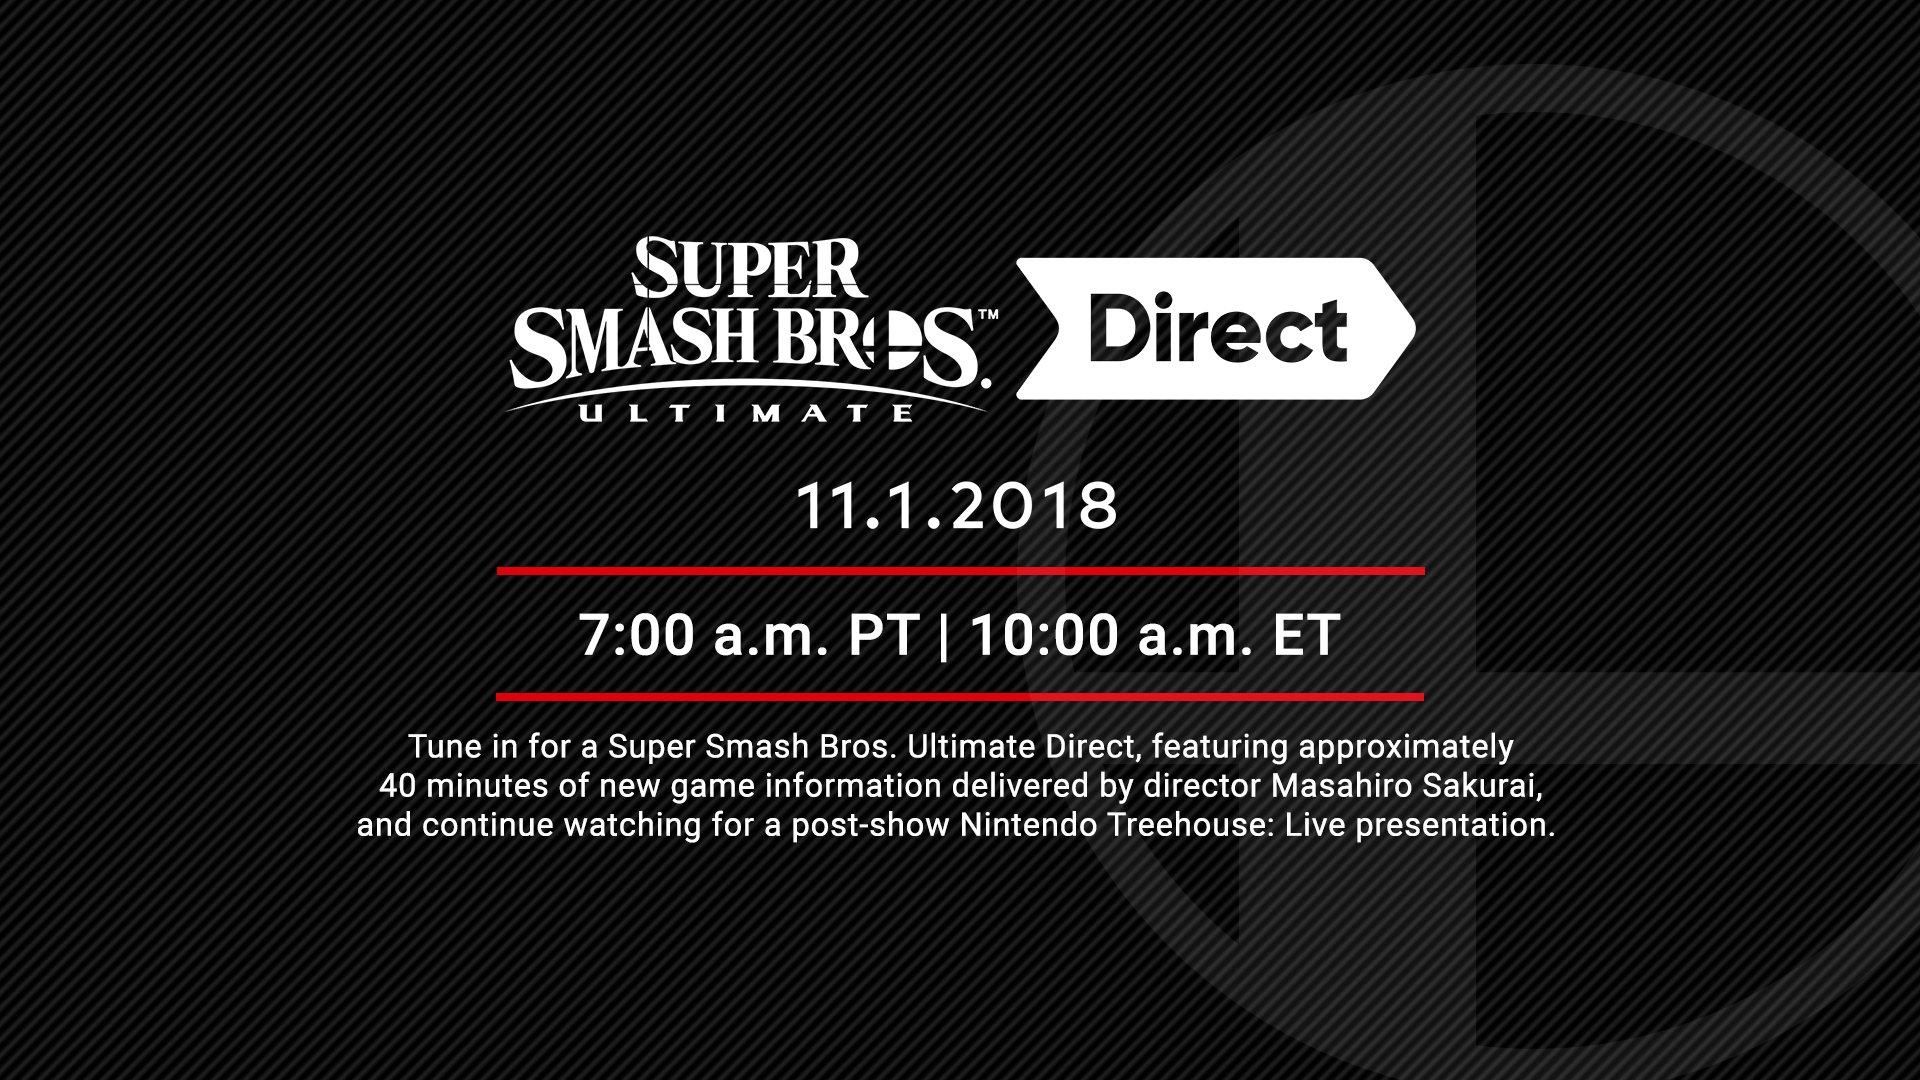 Super Smash Bros  Ultimate Direct recap announcement (11/1/18